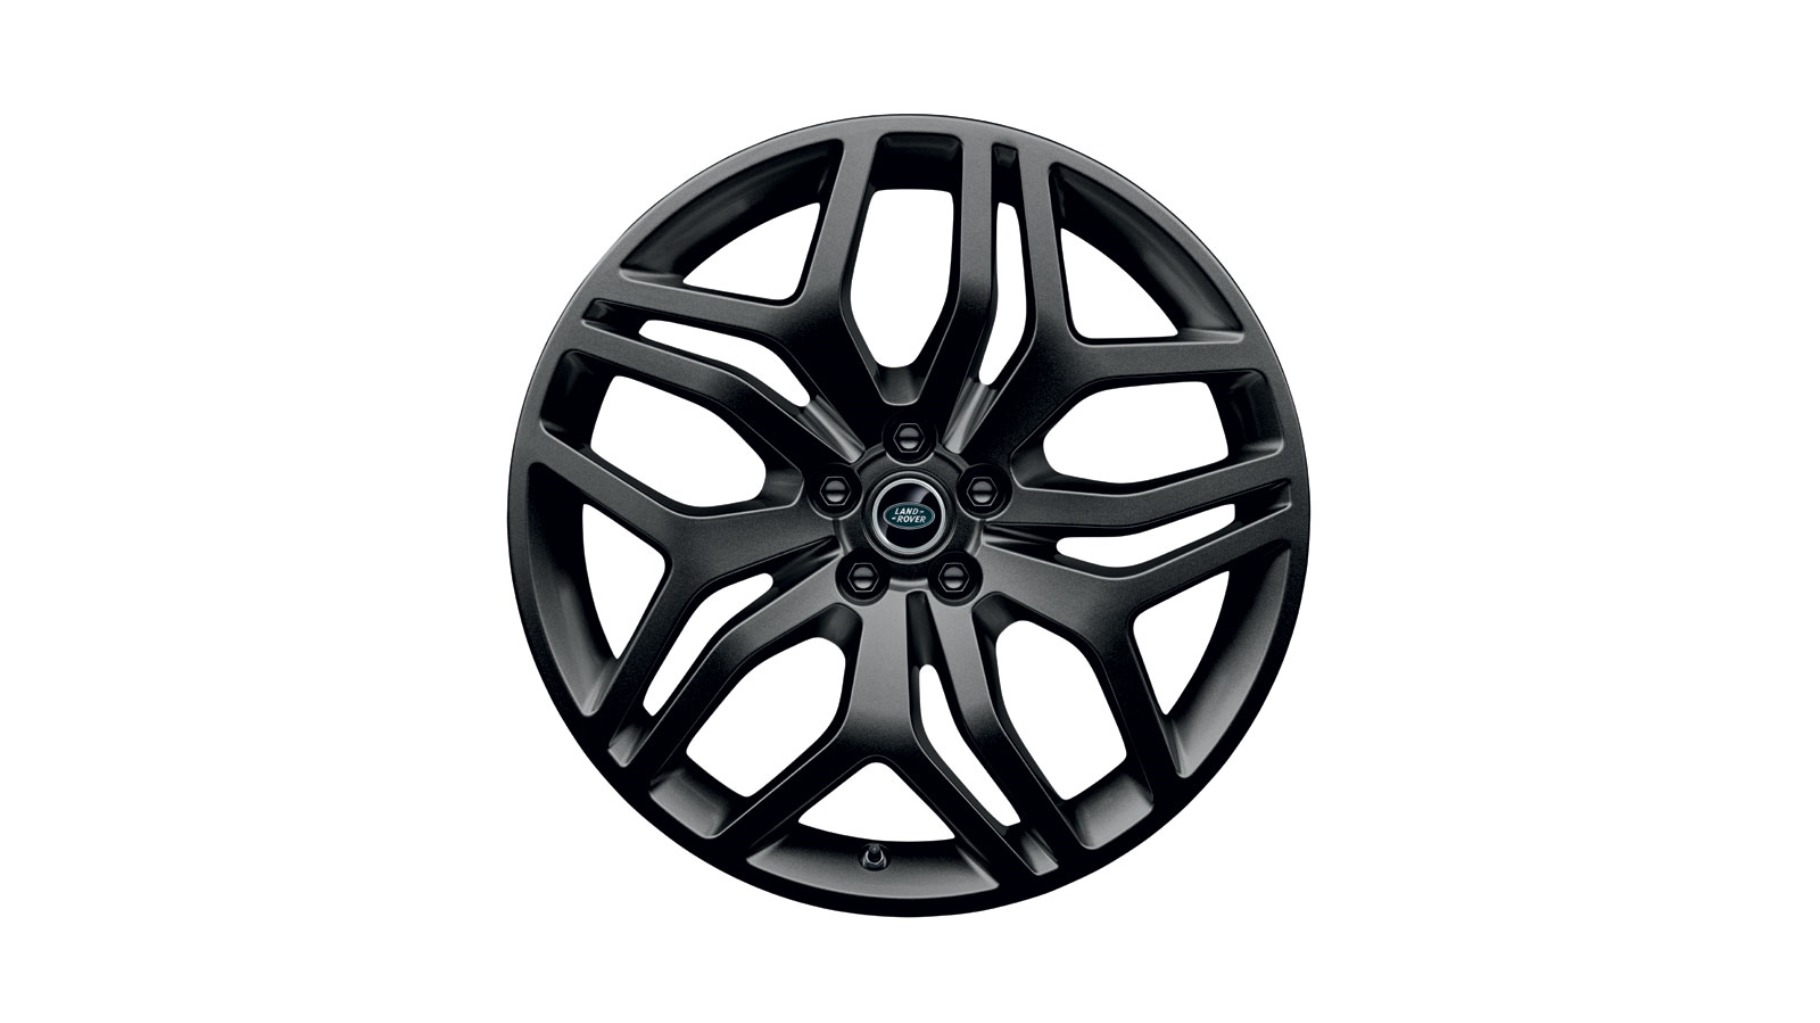 Колесный диск R20 Satin Black для Range Rover Evoque